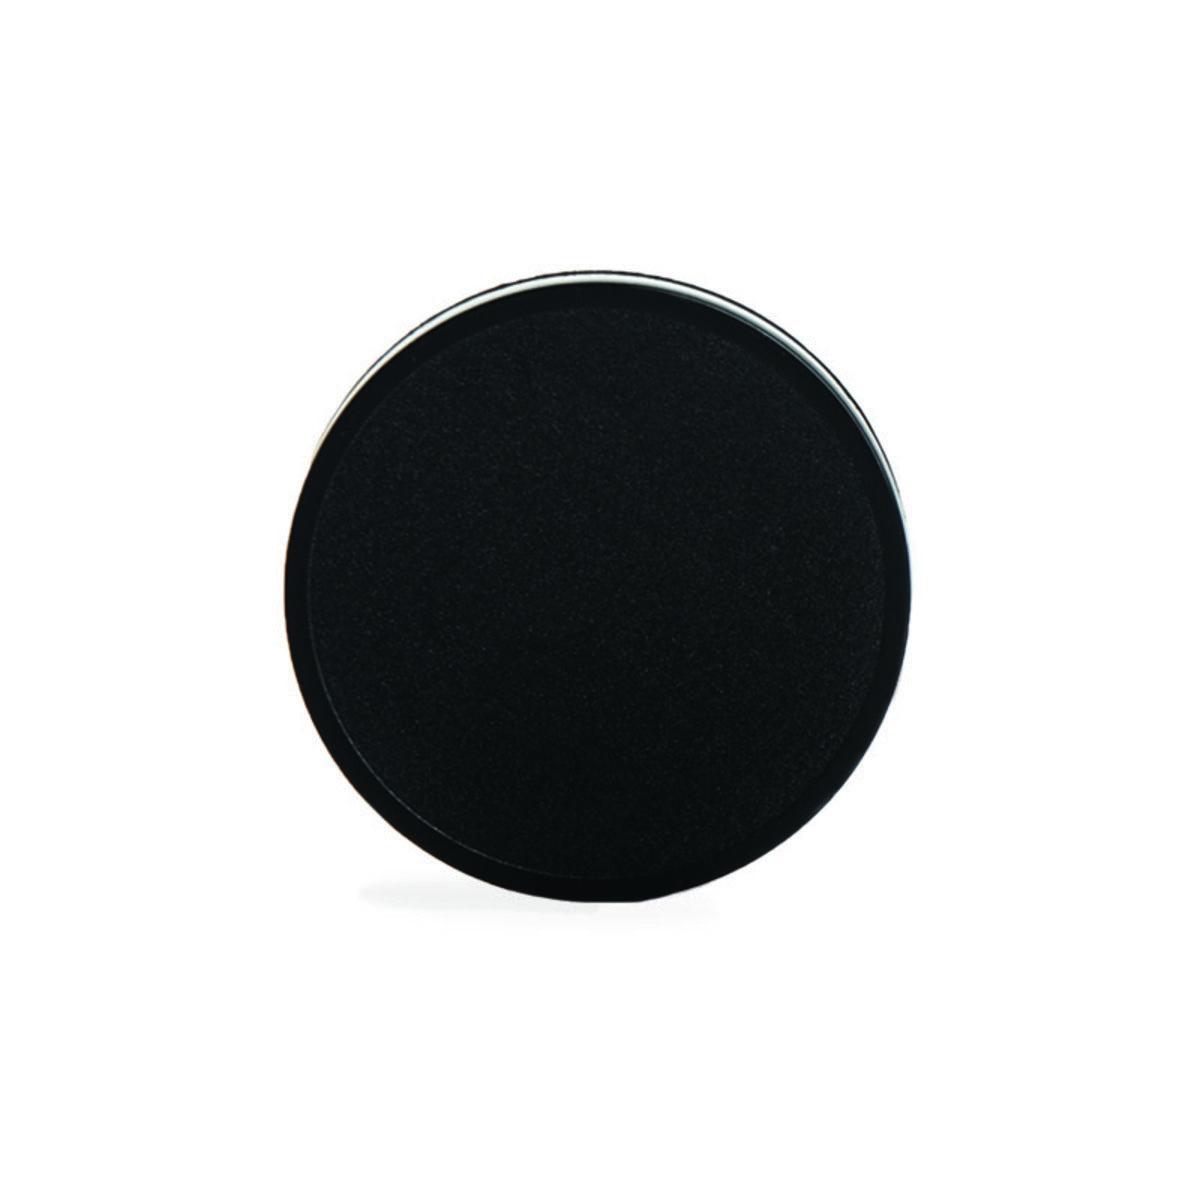 Black Lid For 1 Oz Standard Glass Jar (252 Qty.)